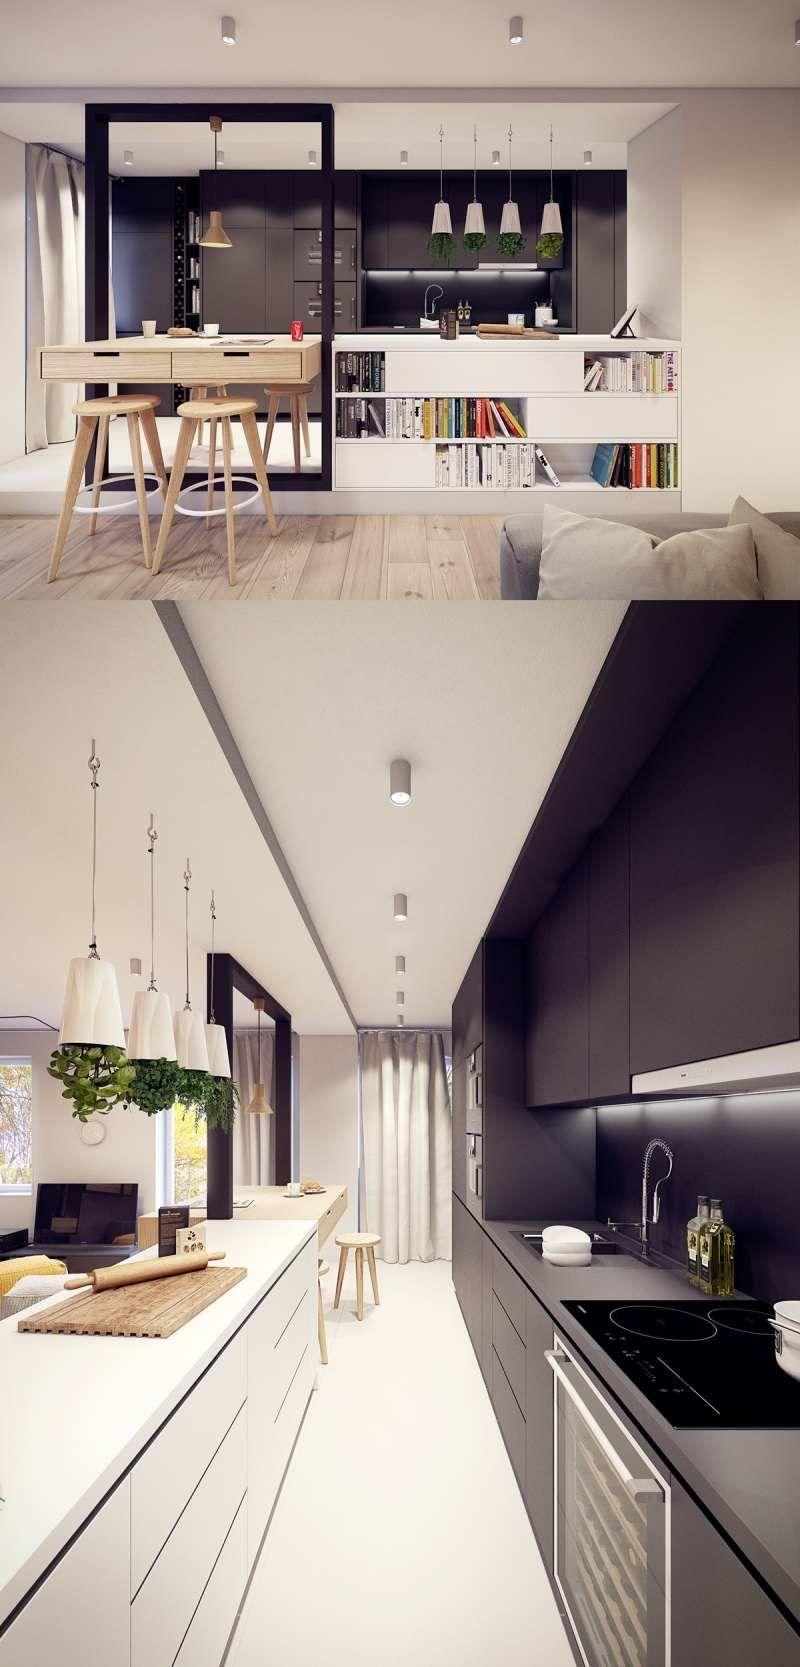 Decoration Cuisine Moderne Blanche aménagement cuisine blanche, noire et bois- 35 idées cool